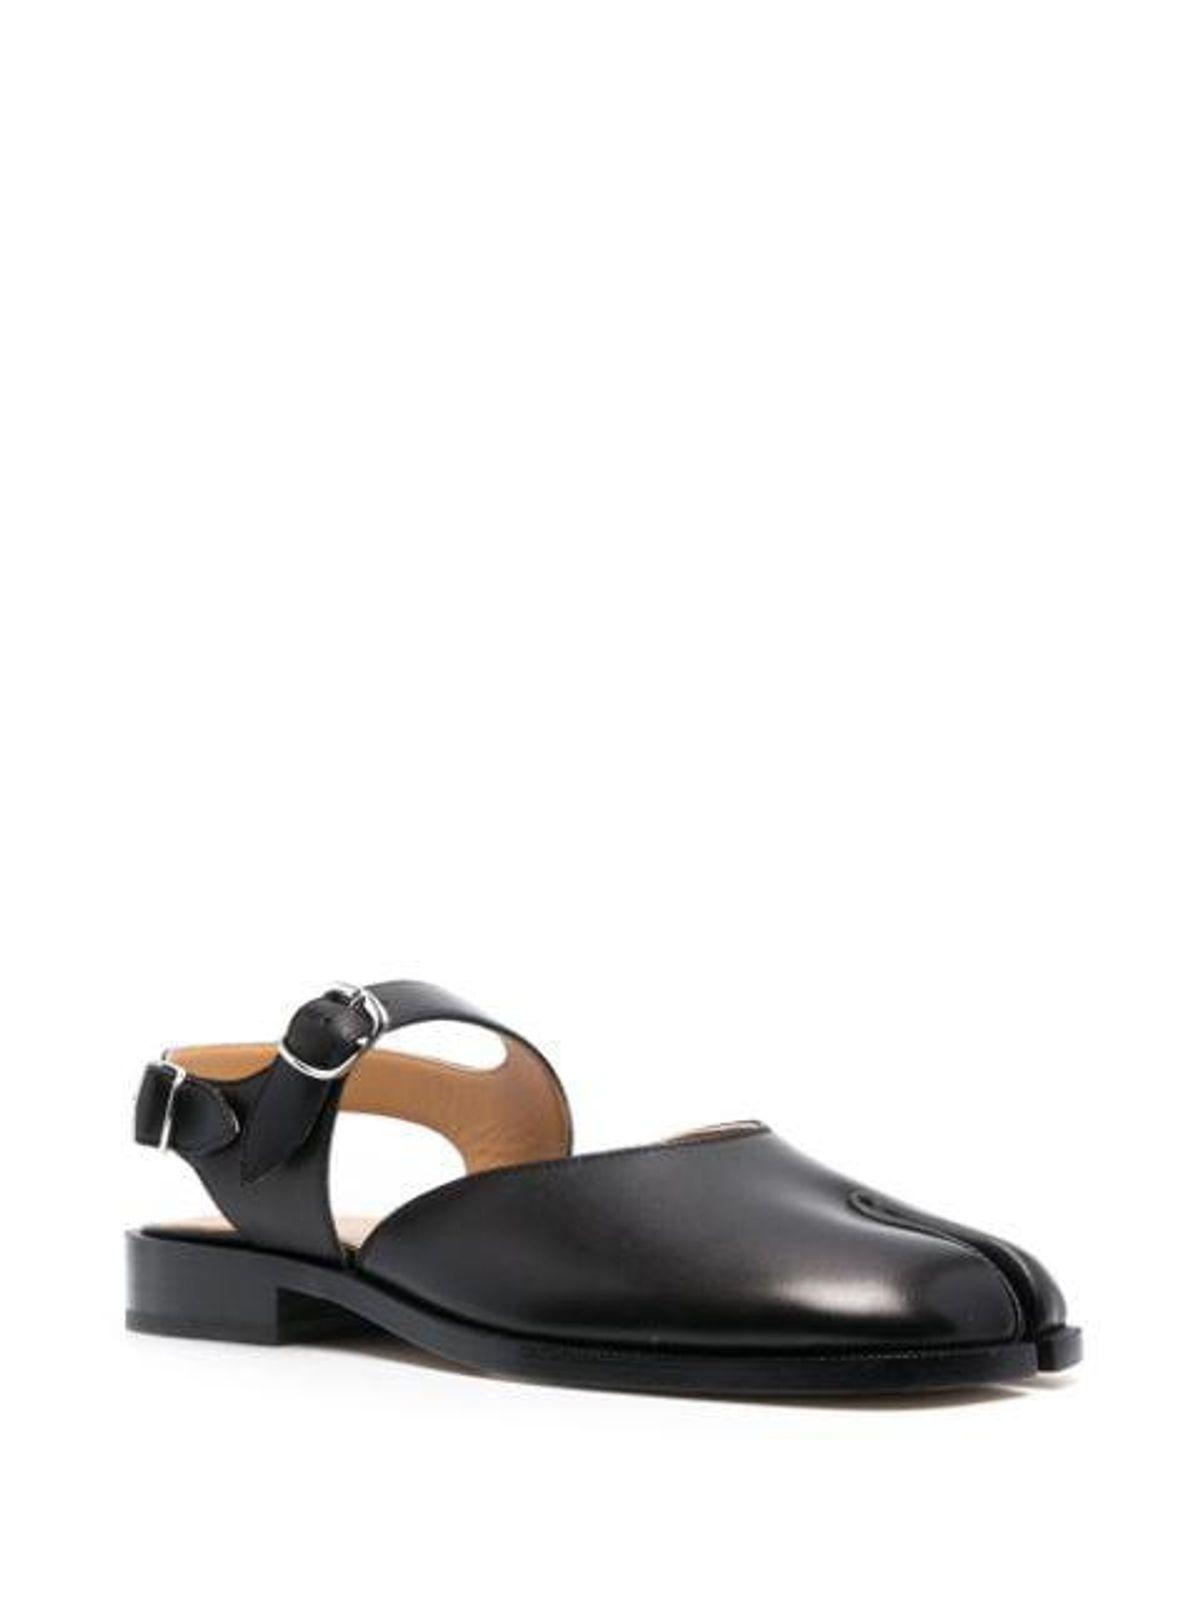 Tabi-toe Sandals